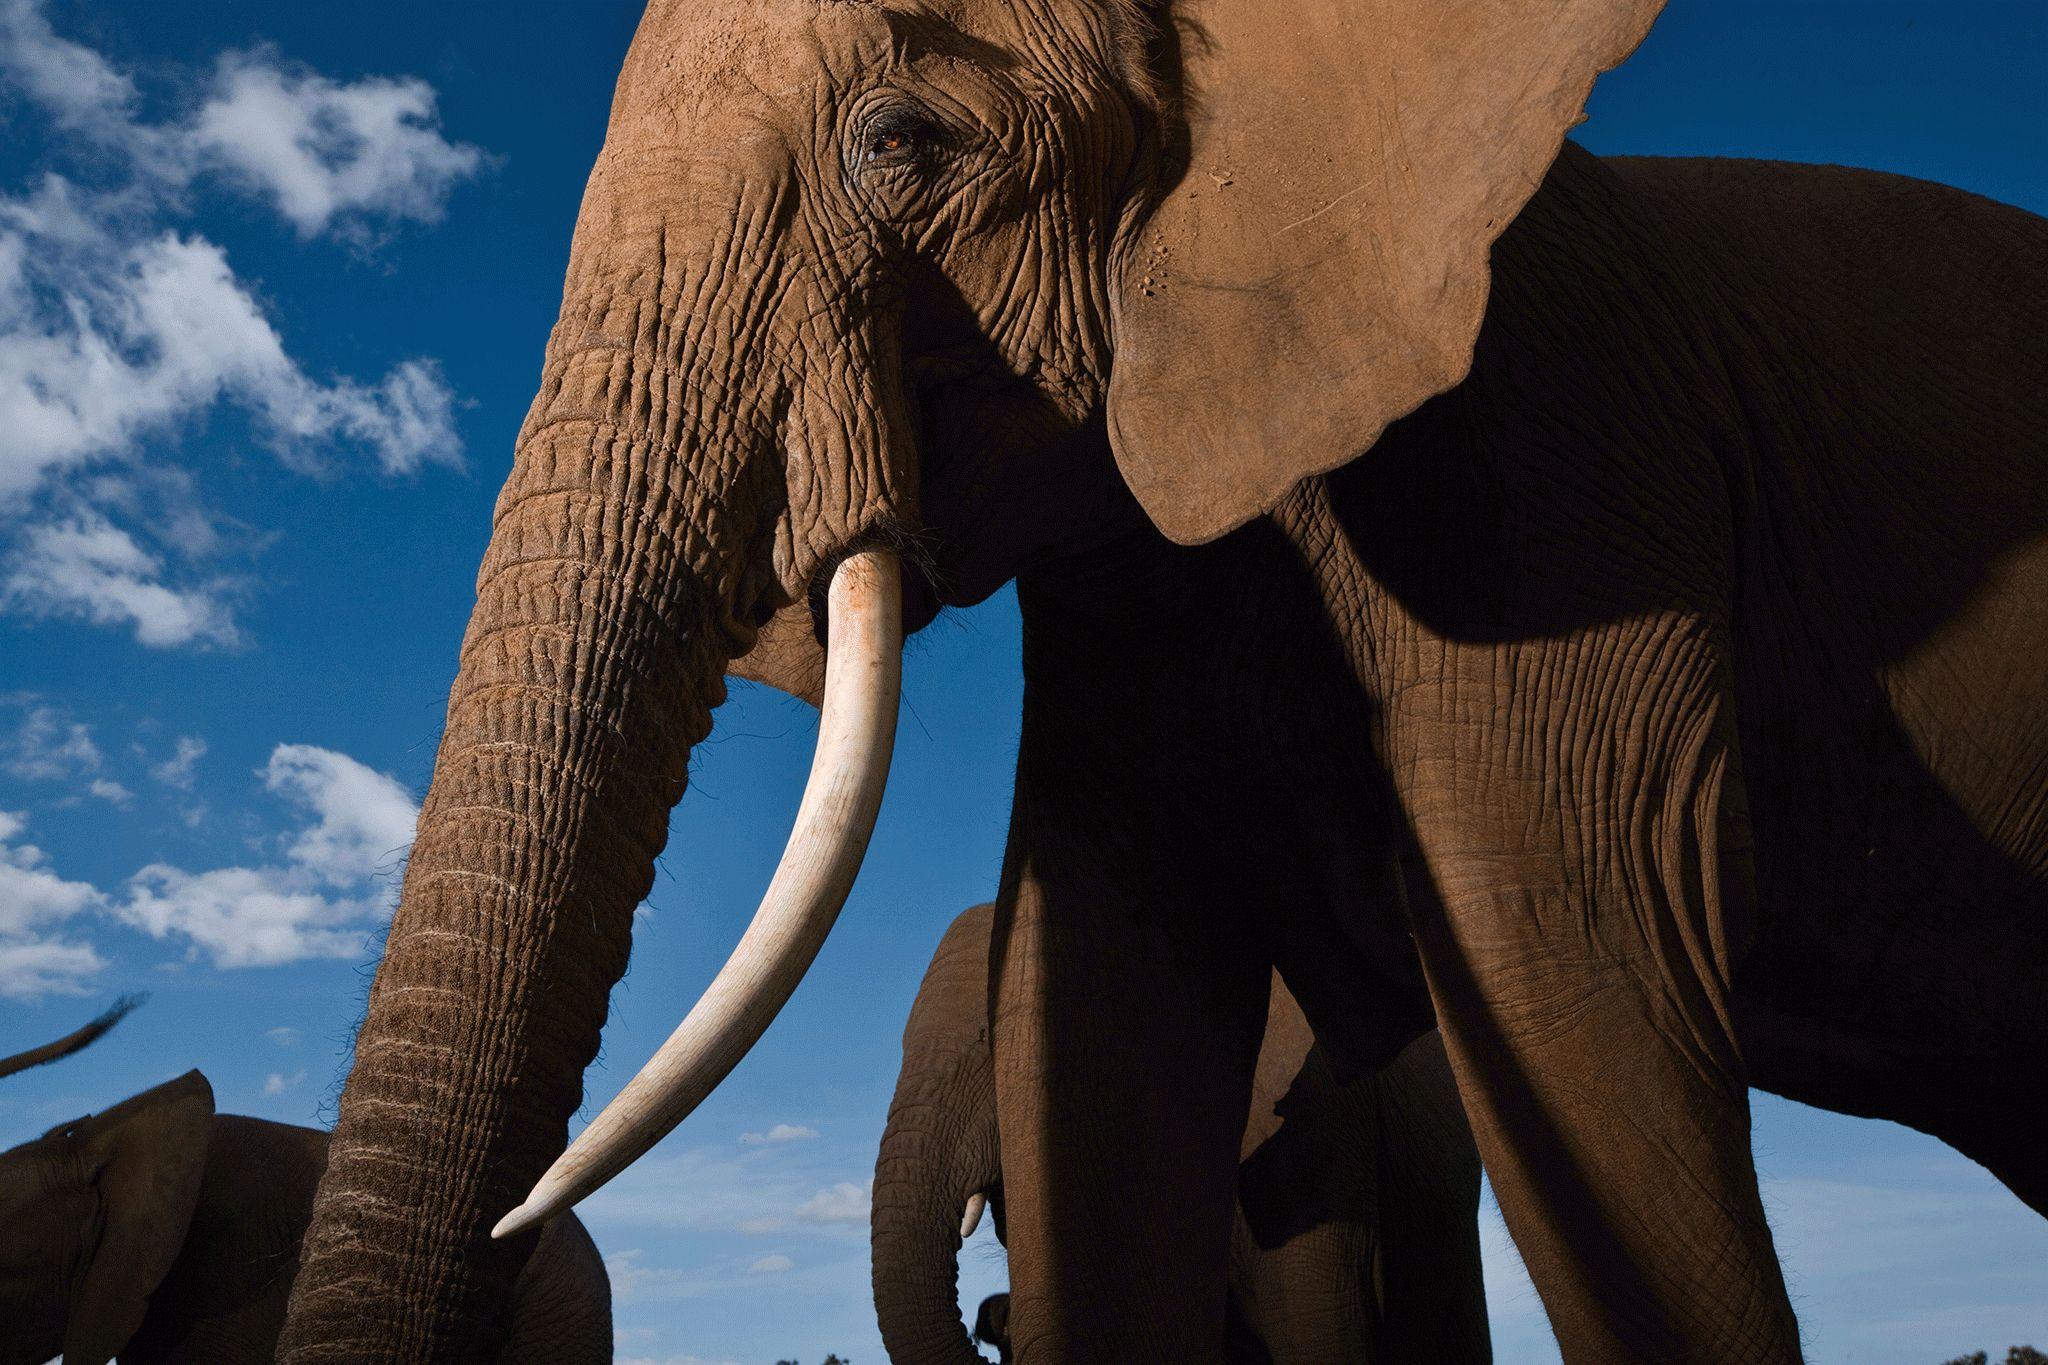 Botswana lifts ban on elephant hunting